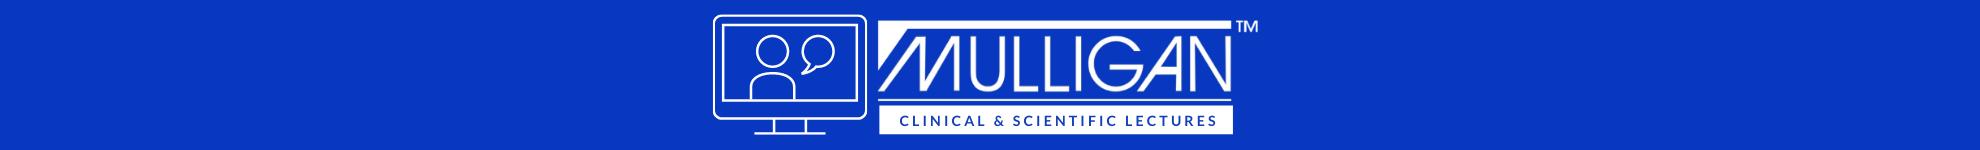 mulligan clinical scientific lectures